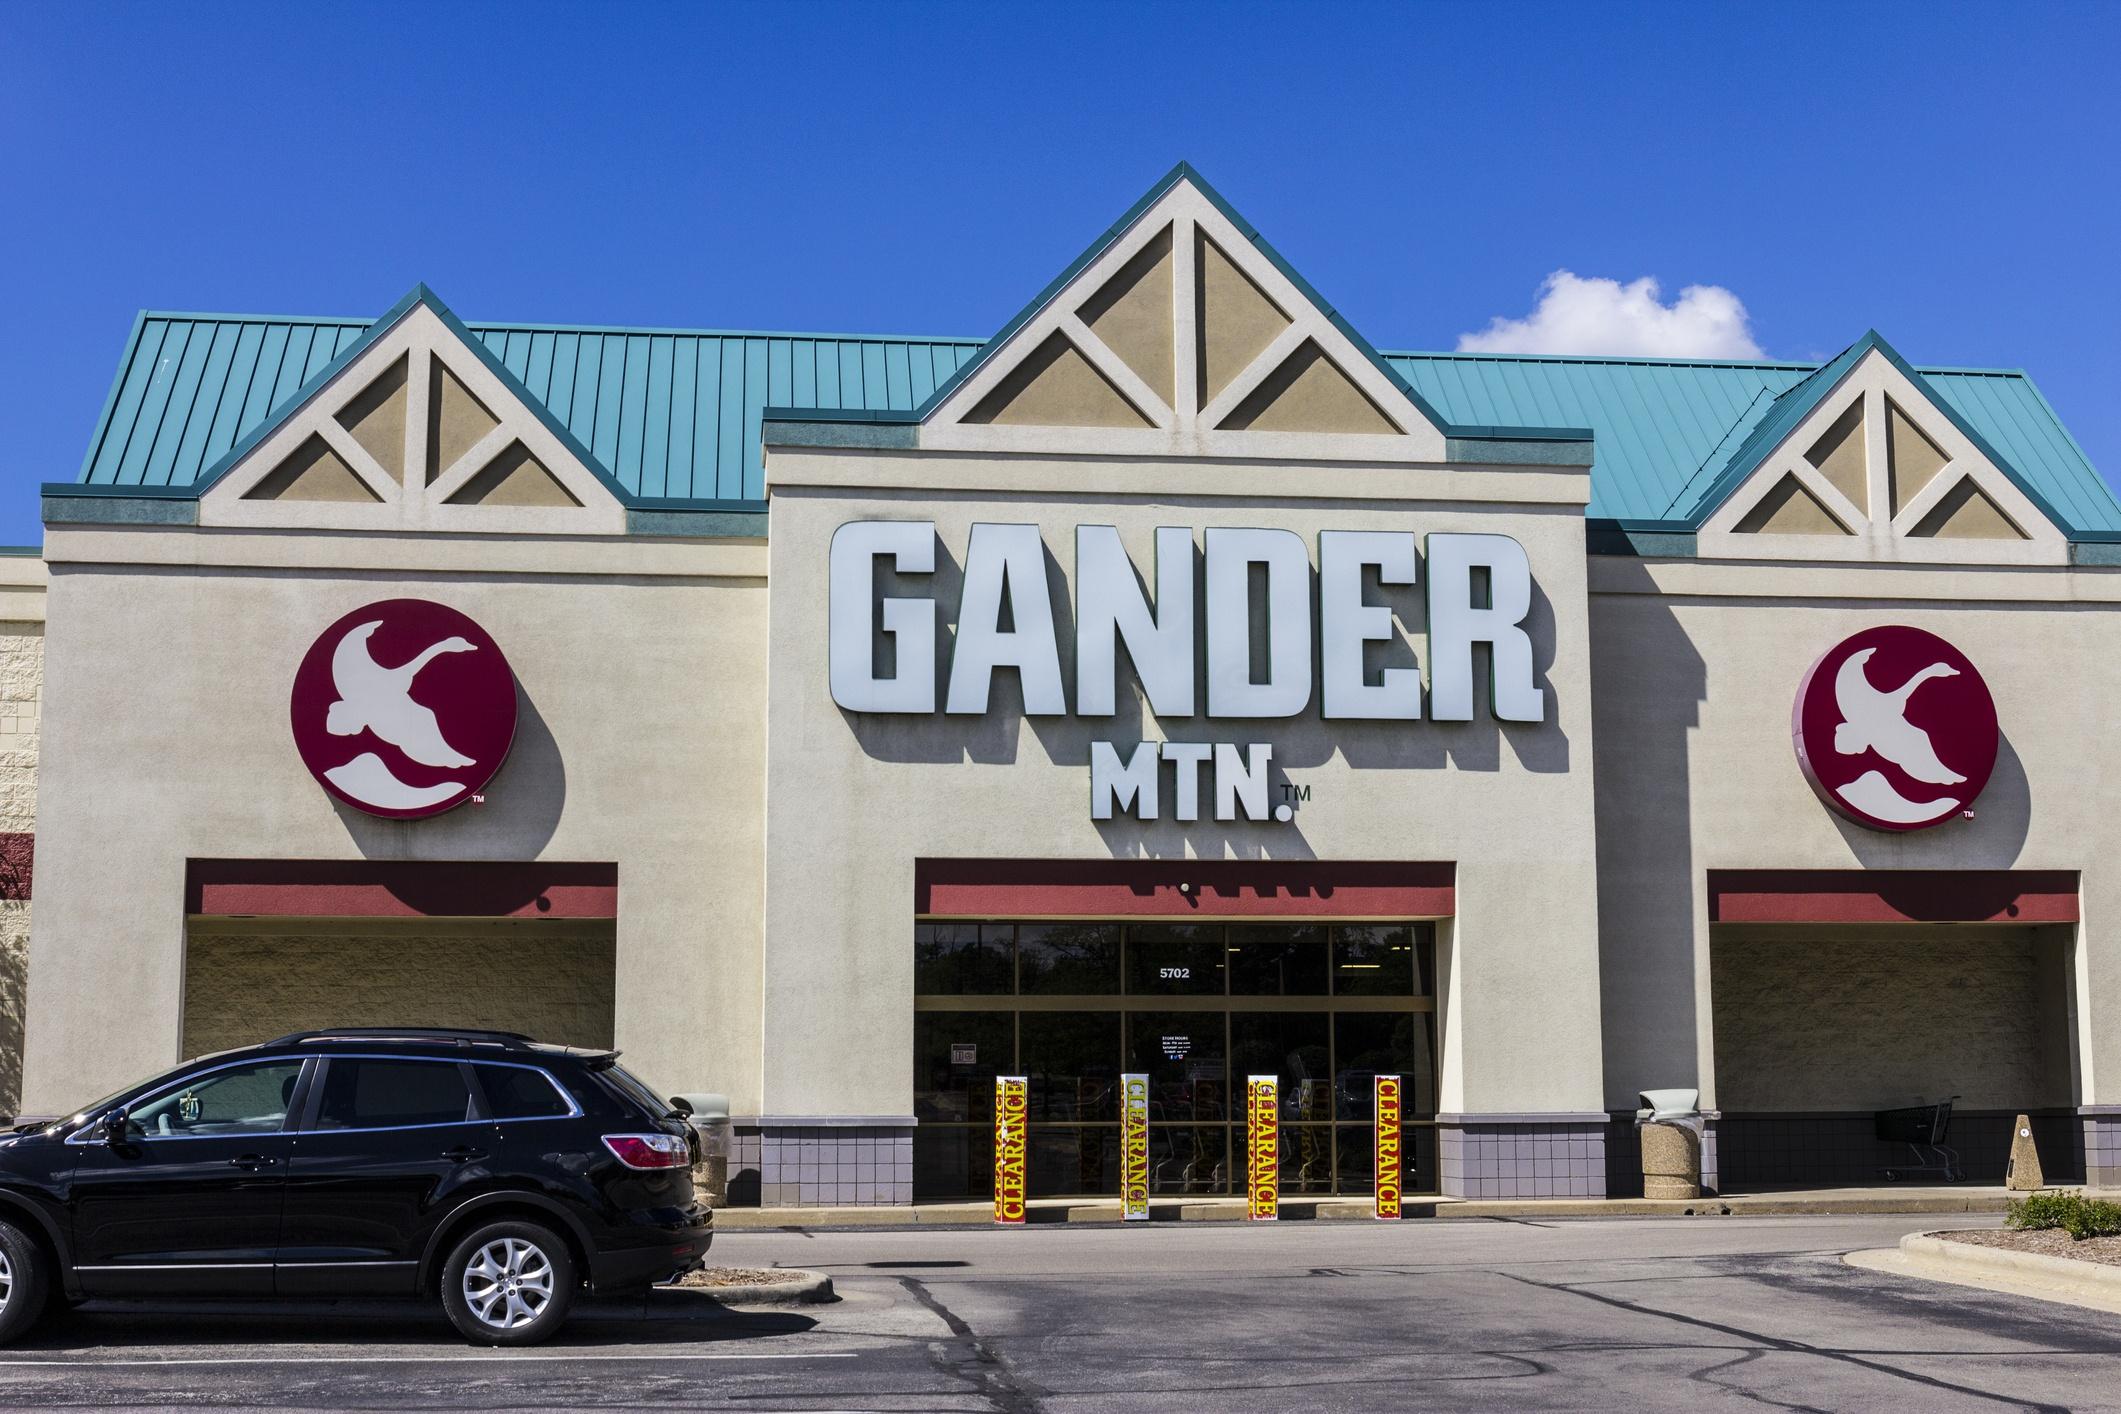 Ganger Mtn store front